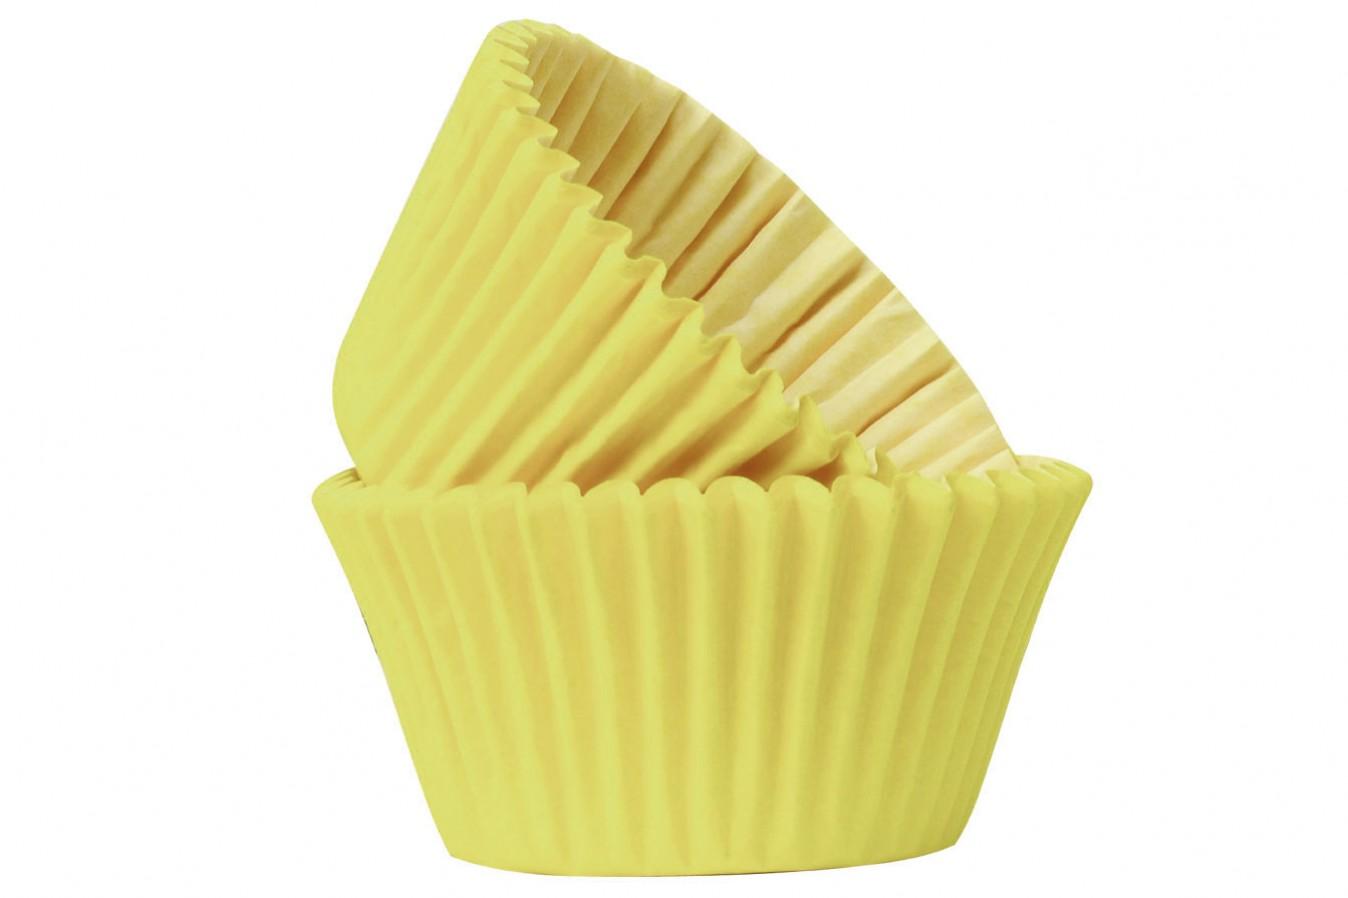 Caissettes à cupcake - Jaune - Lot de 50